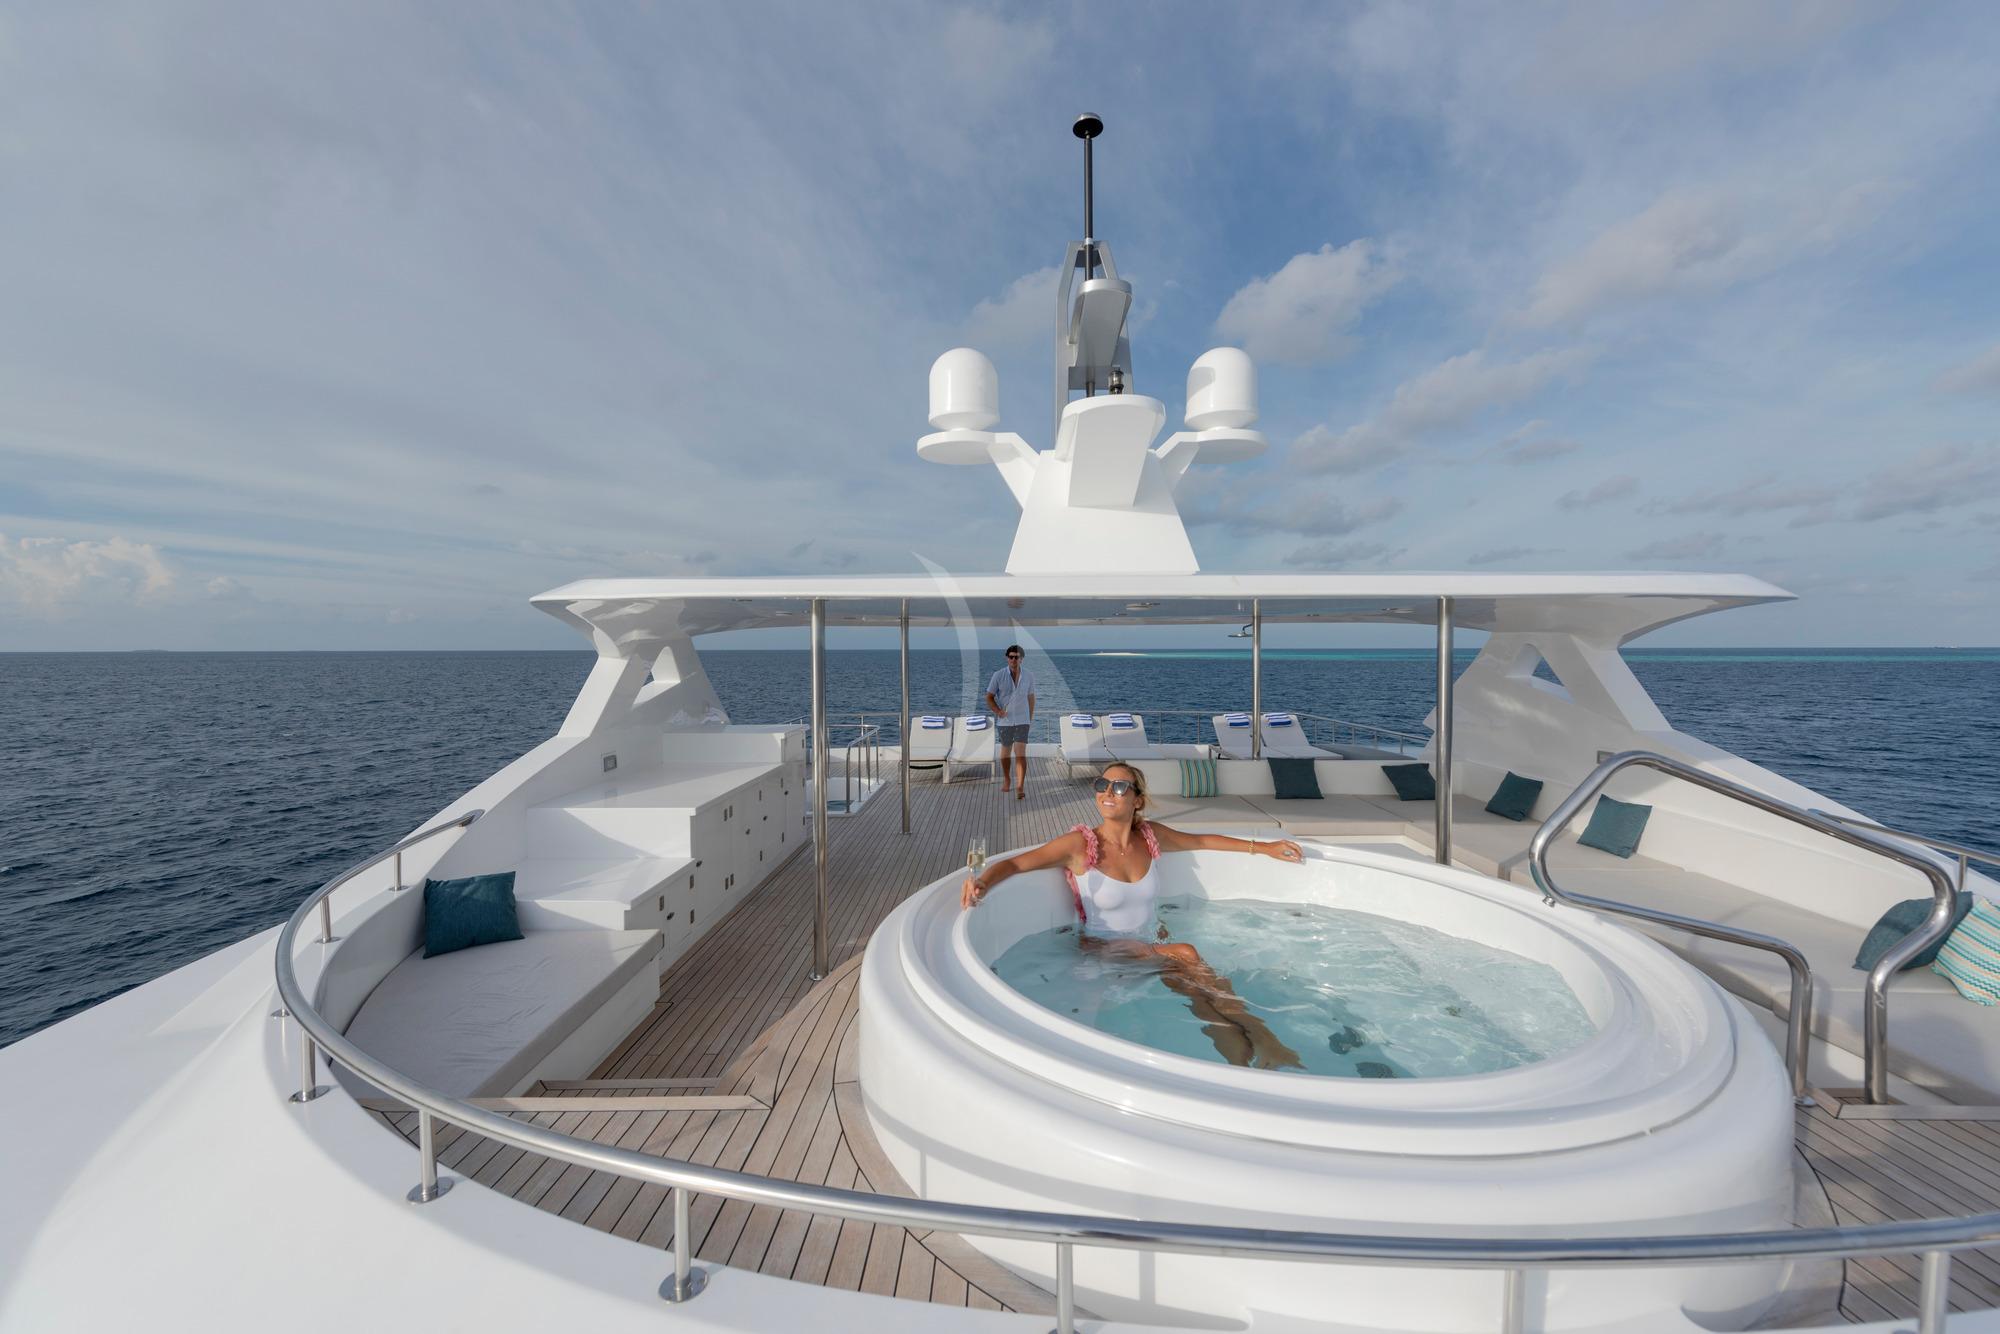 Aluguel de barco Maldivas, passeio de barco em Maldivas, Iate Maldivas, Yacht Charter Maldives